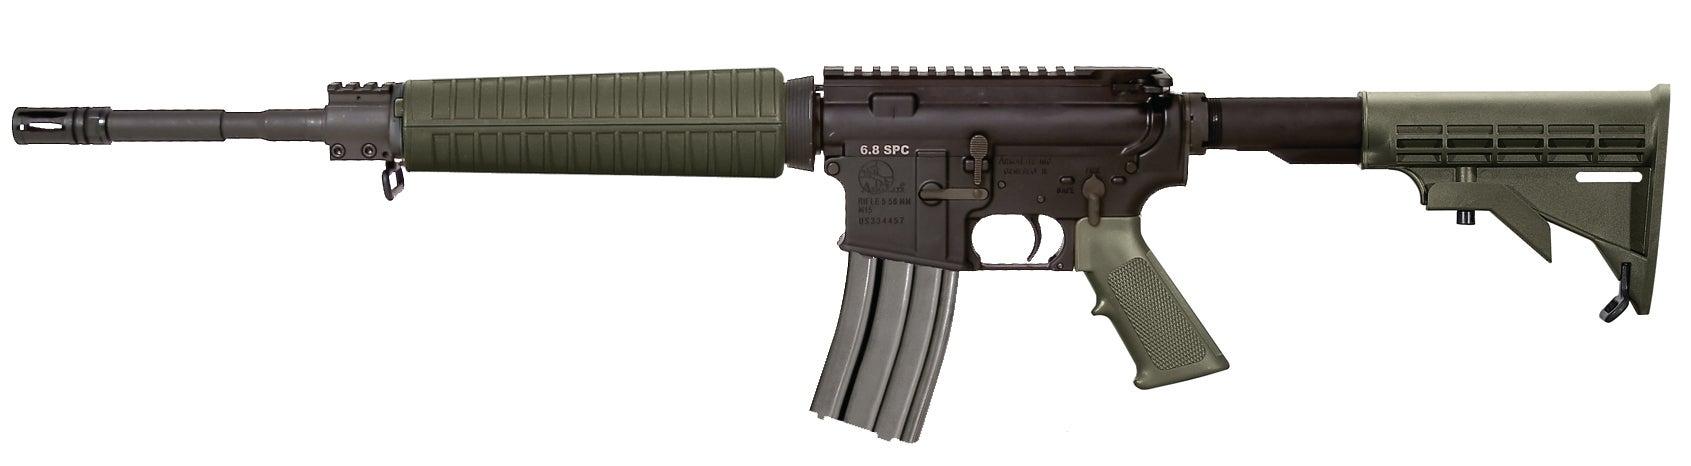 New Carbine: Armalite M-15A4 in 6.8 SPC